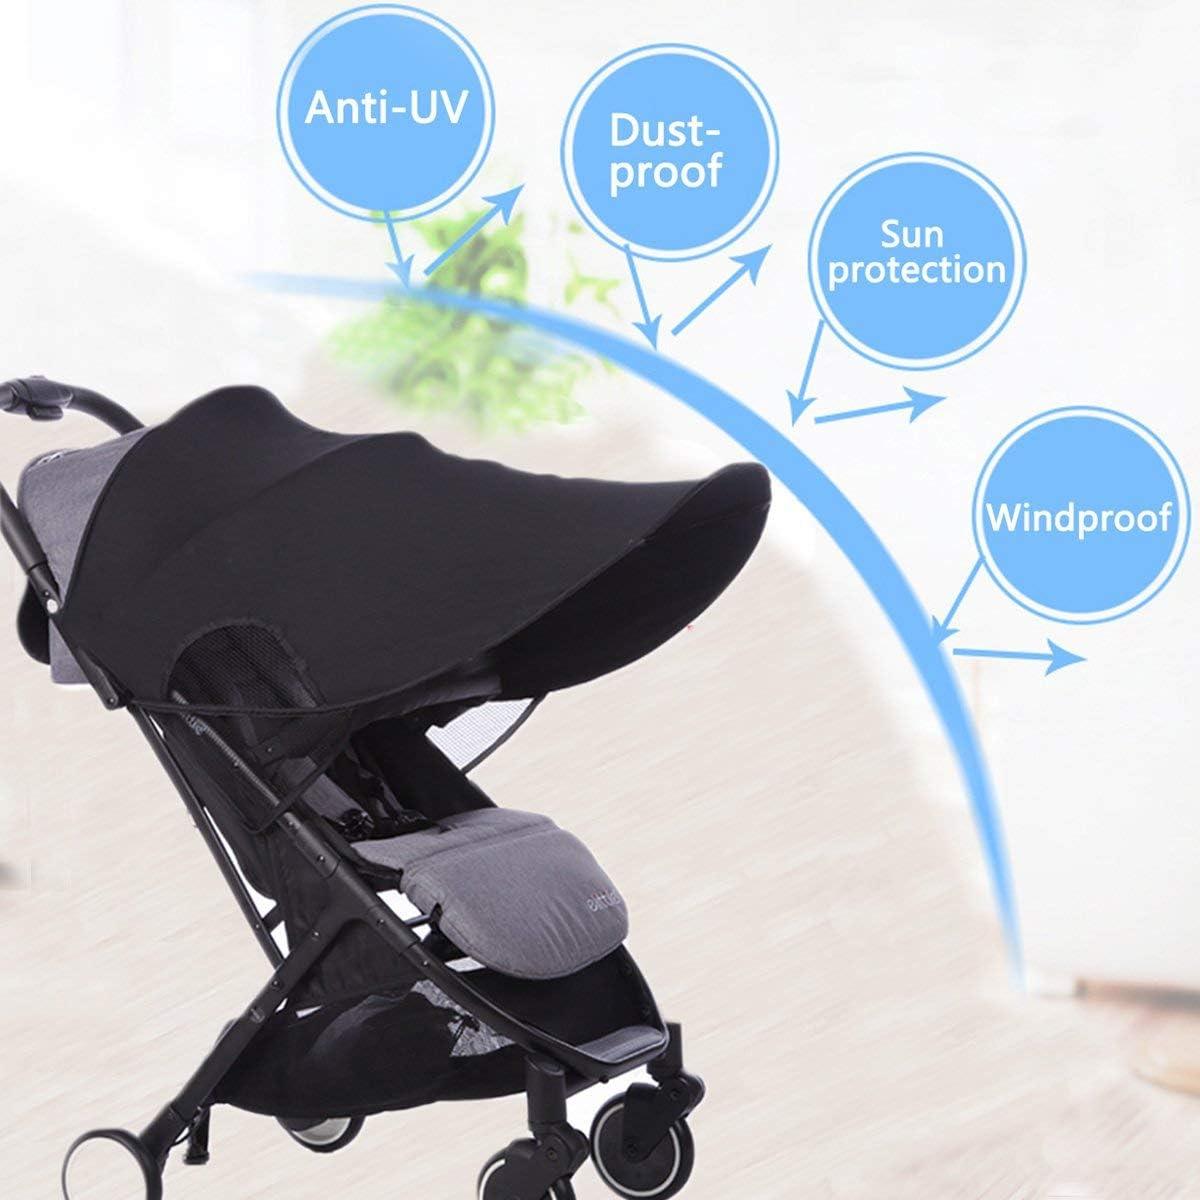 Toldo Protector Solar Universal para Cochecito de Beb/é Mosquiteros con Malla Transpirable Beb/é Coche Carritos de viaje Paseo Sombrilla Parasol Protecci/ón UV 50